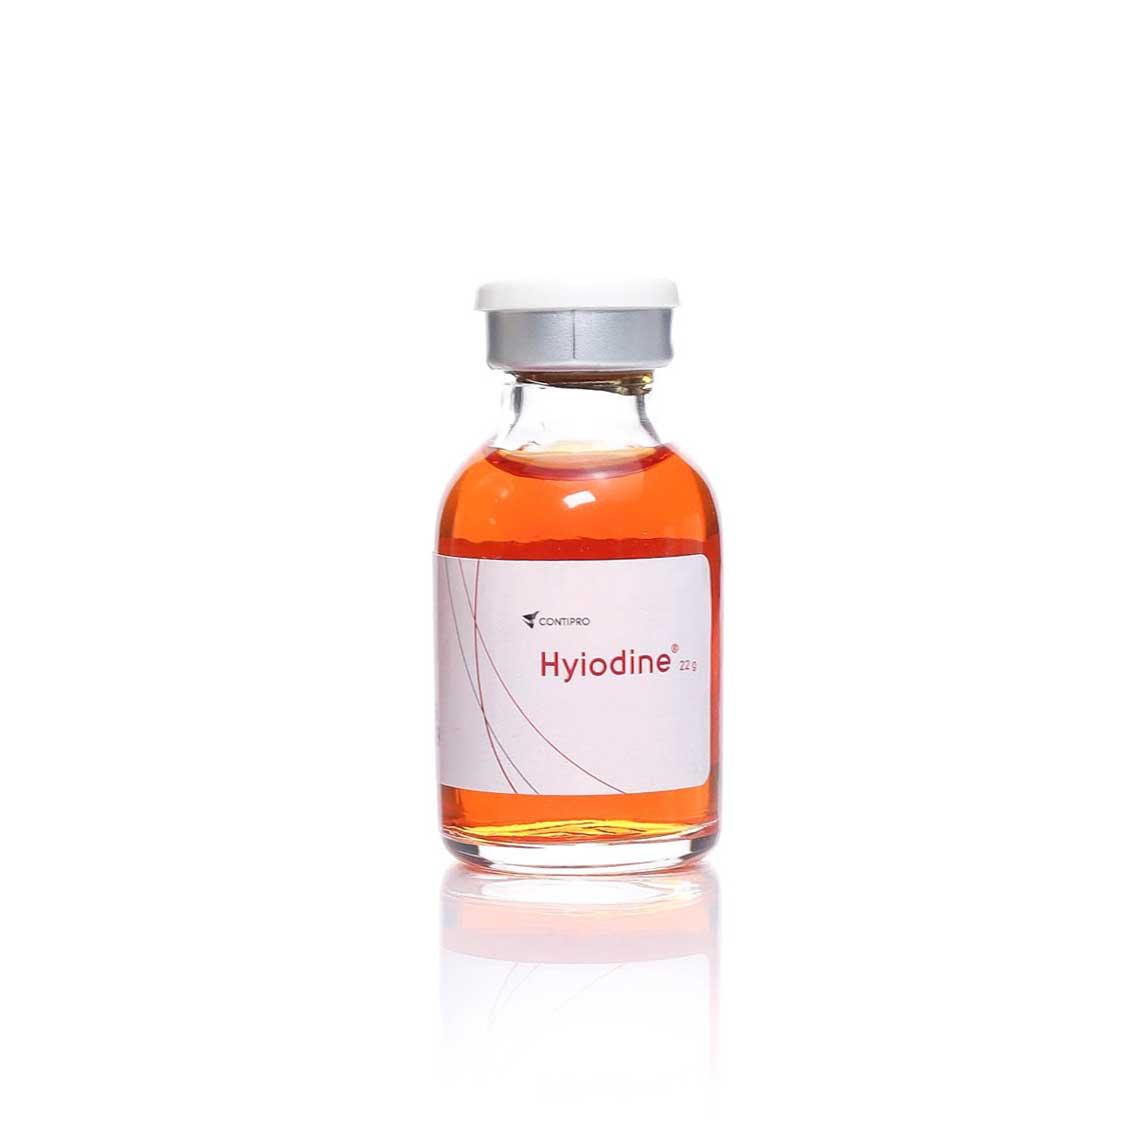 Hyiodine 22g